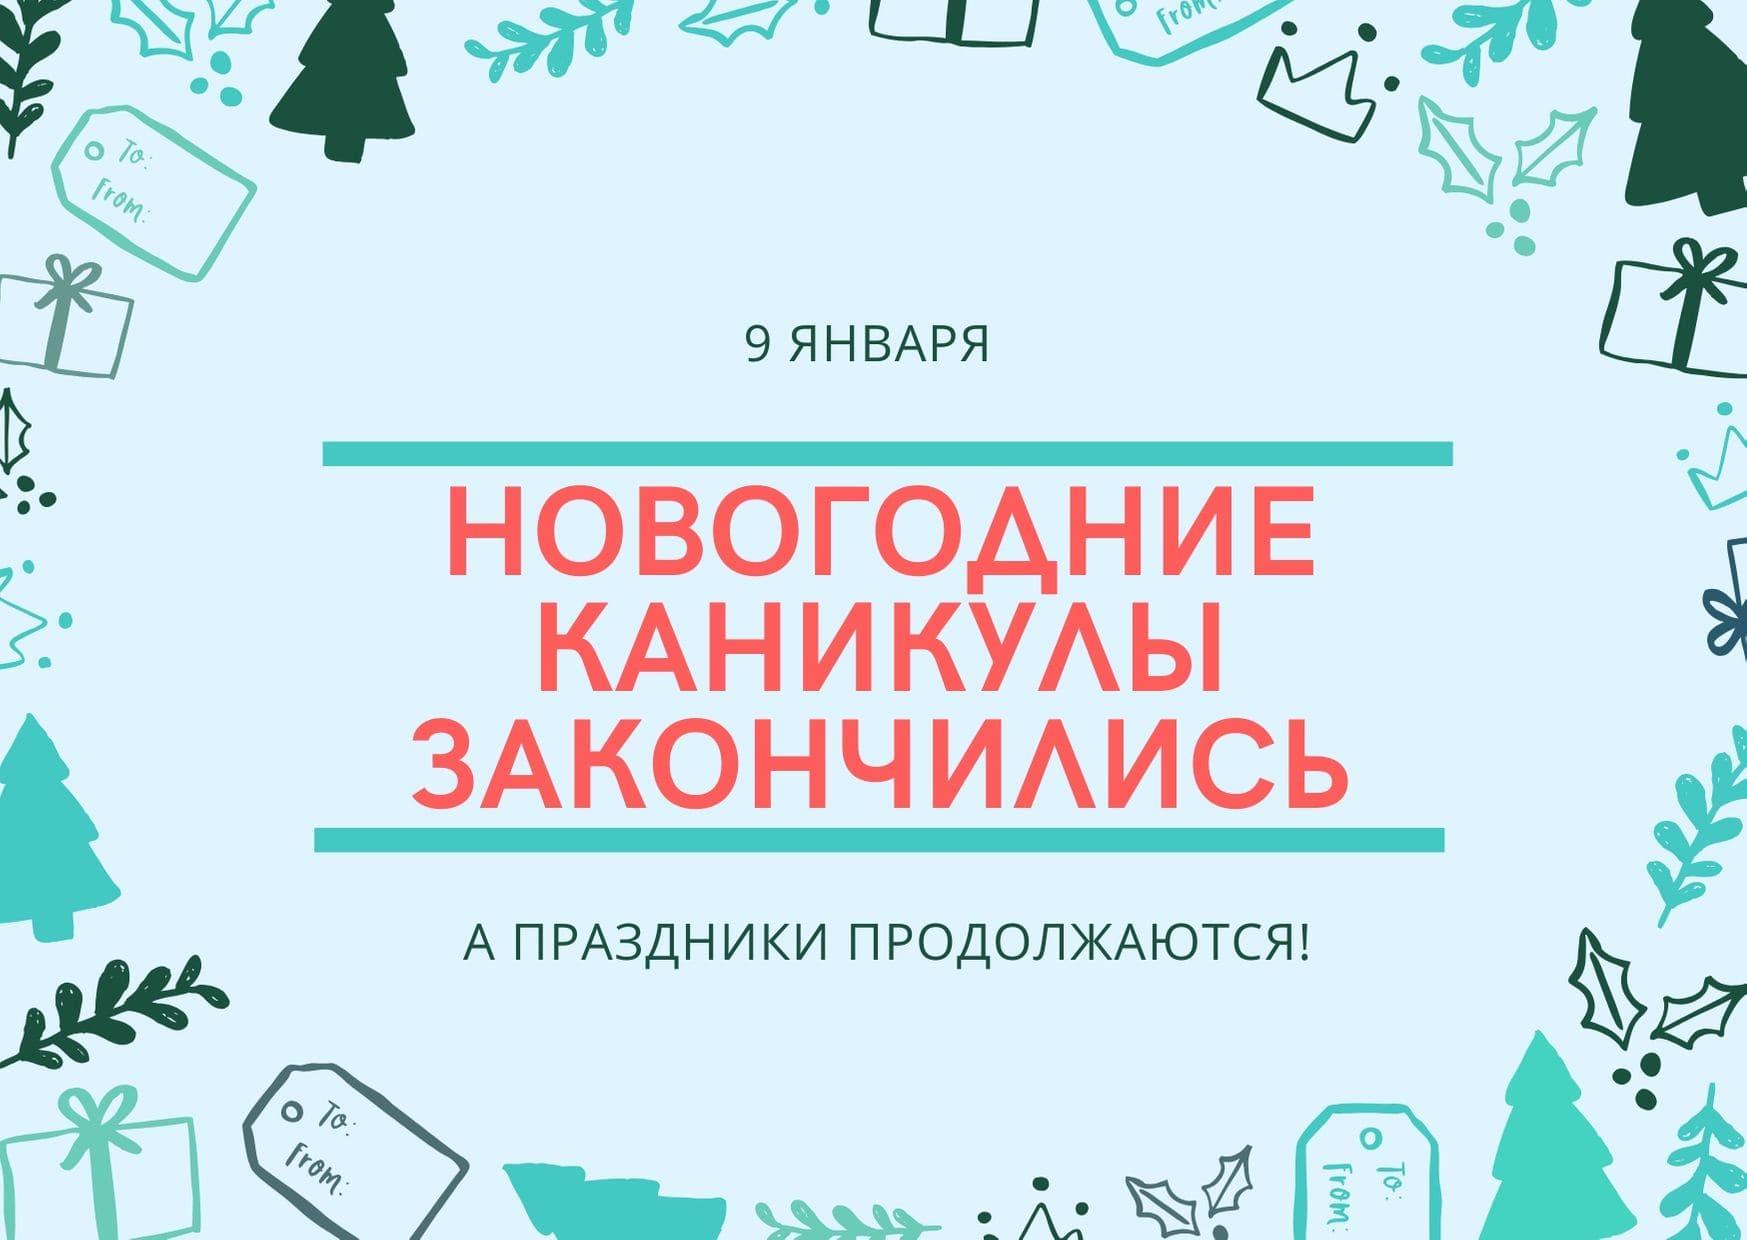 Новогодние каникулы закончились. 9 января